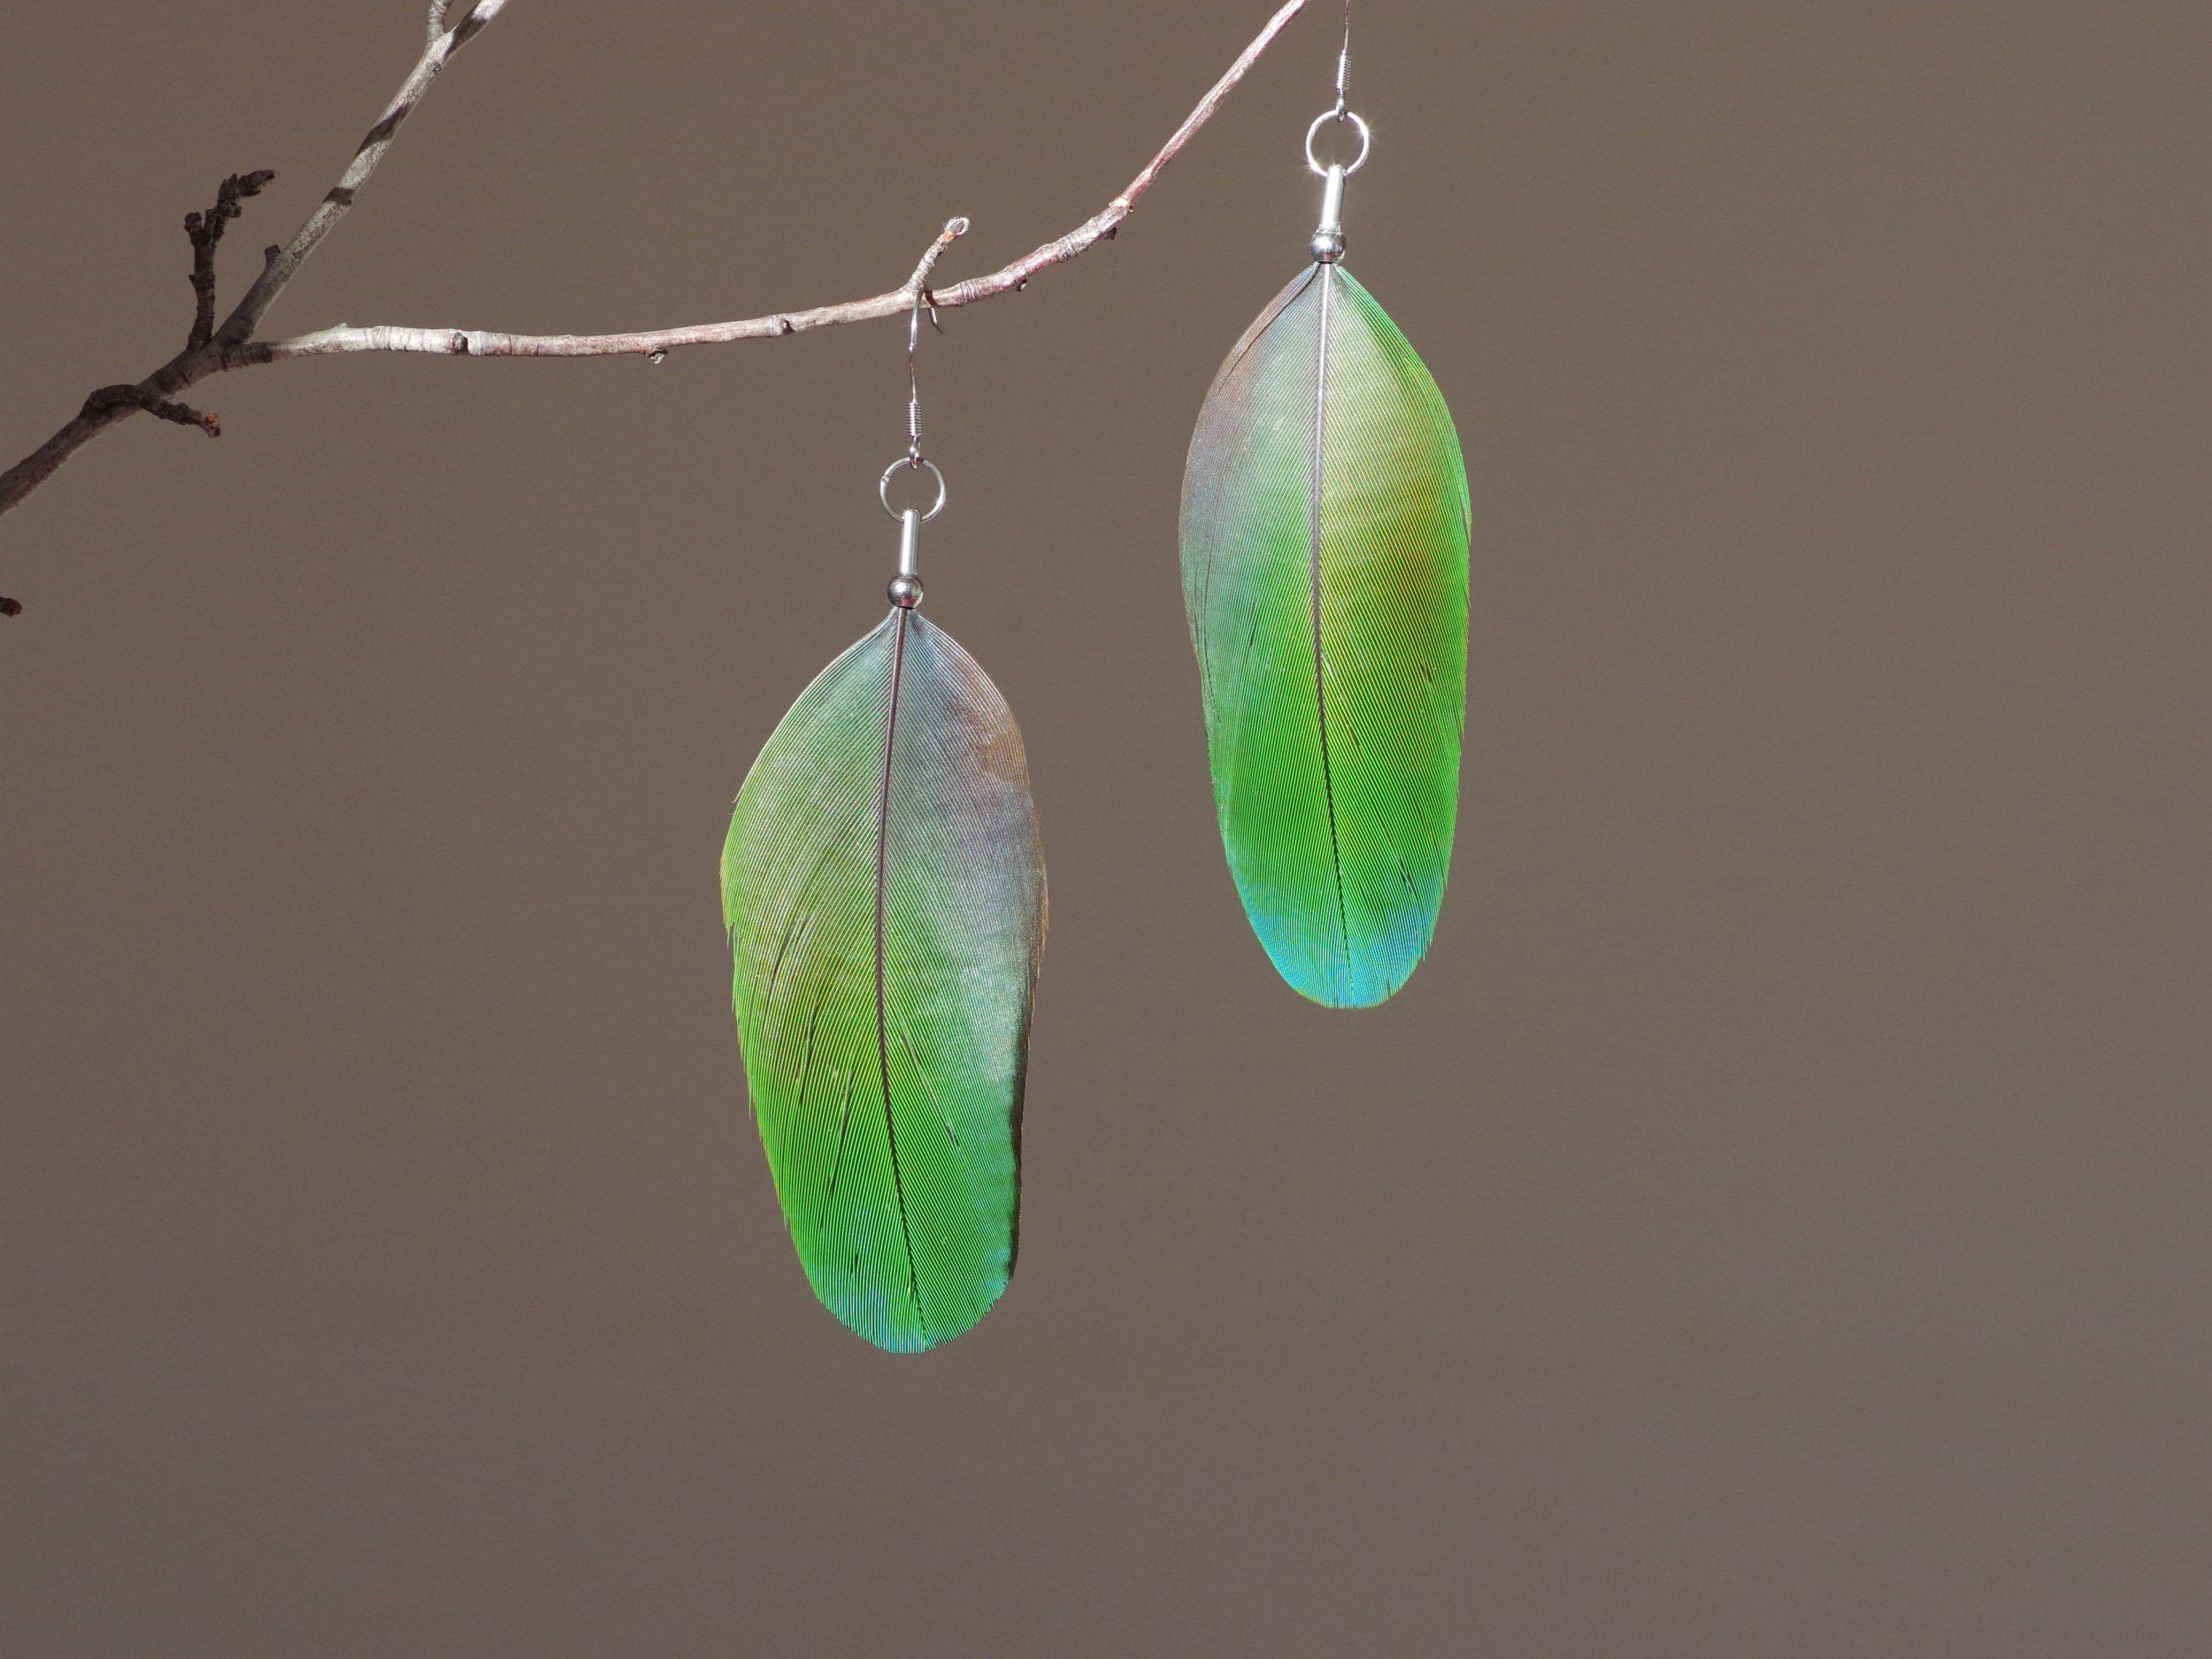 boucles d'oreilles à grandes plumes vertes aux reflets bleu-verts, montées de façon minimaliste